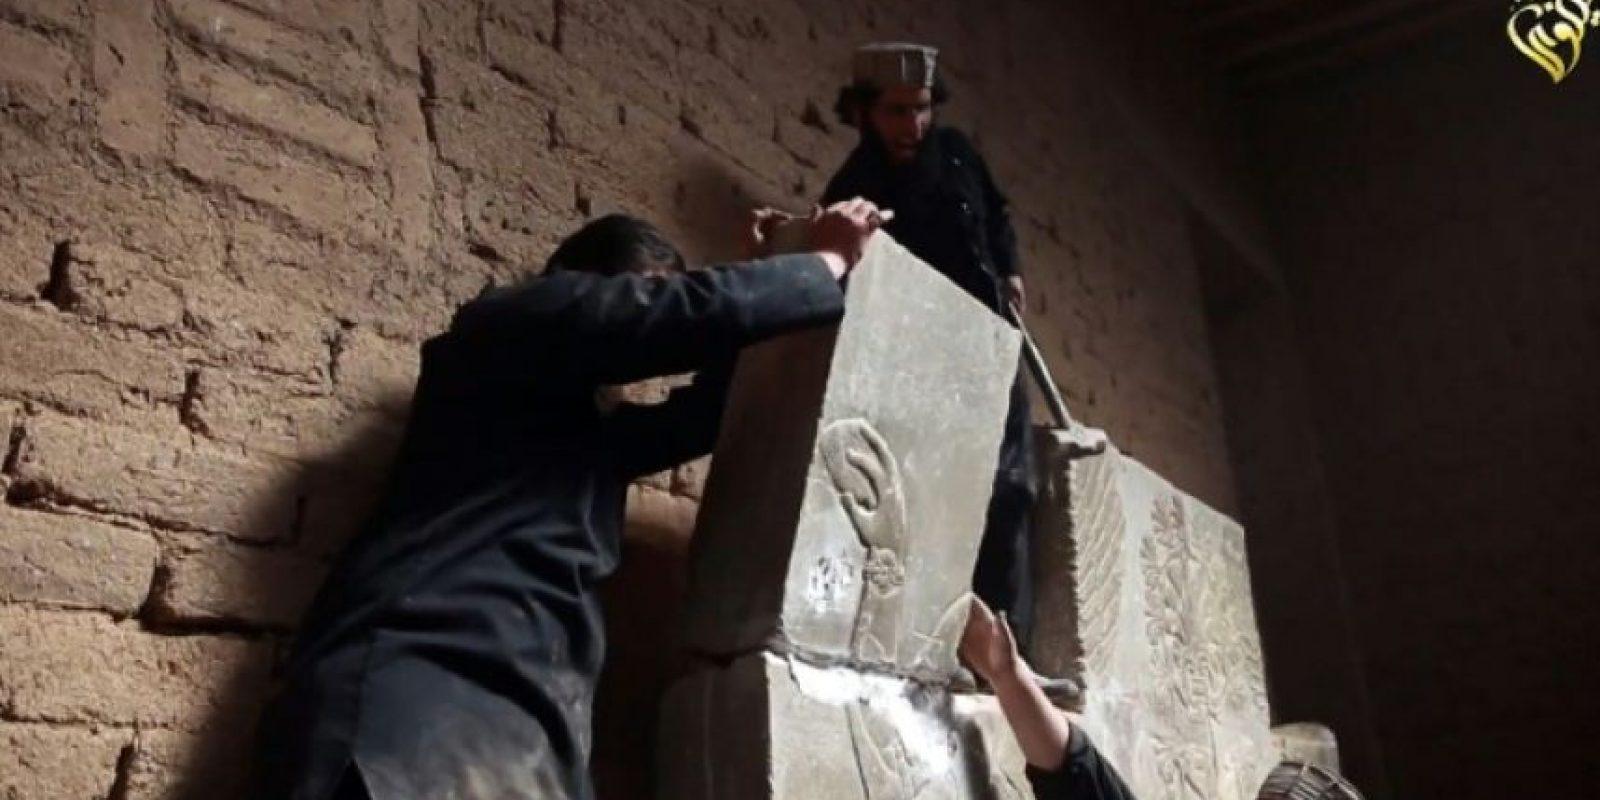 Una captura de imagen sacada de un vídeo difundido el 11 de abril de 2015, en el que aparecen tres miembros del grupo Estado Islámico destruyendo con un martillo losas de piedra de la ciudad antigua de Nimrud Foto:-/afp.com